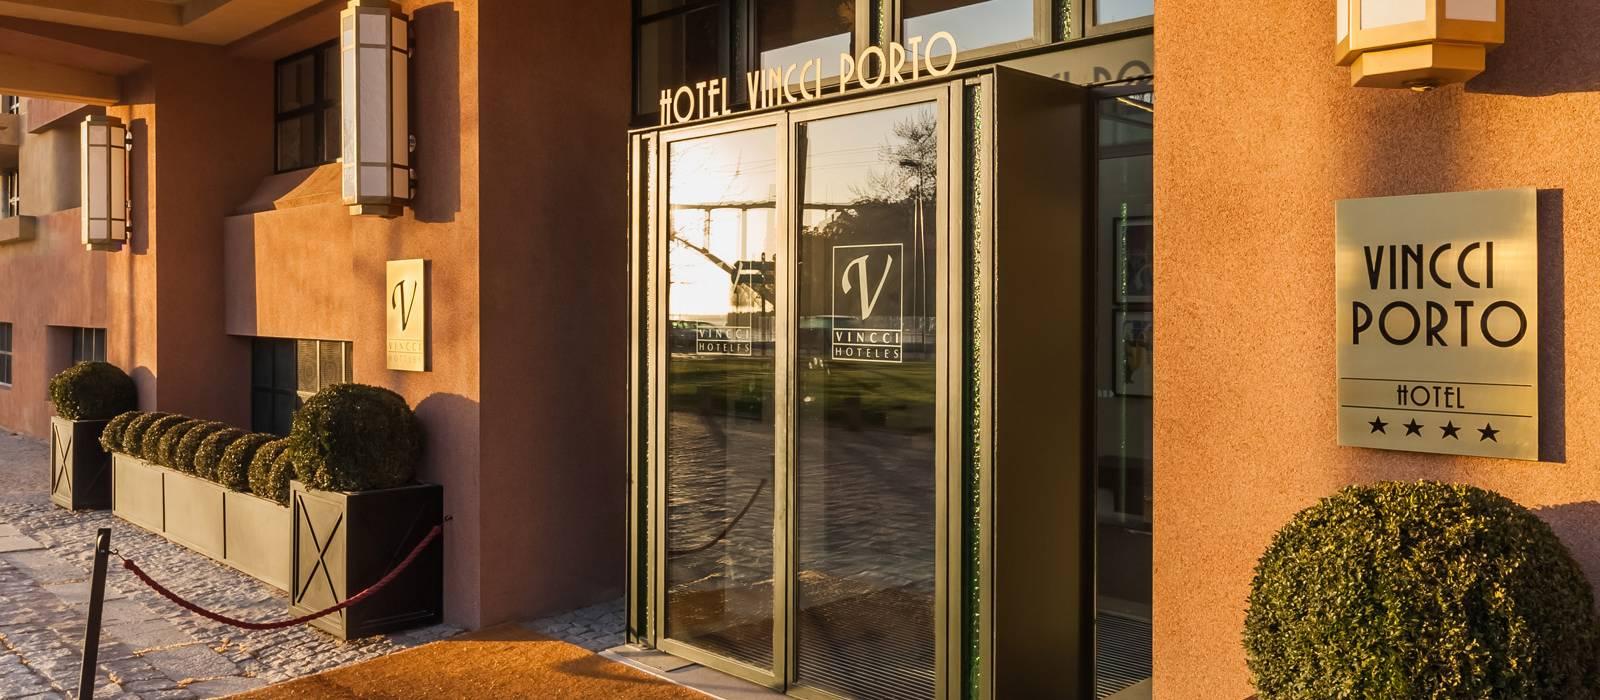 Bereich Hotel - Vincci Porto 4*